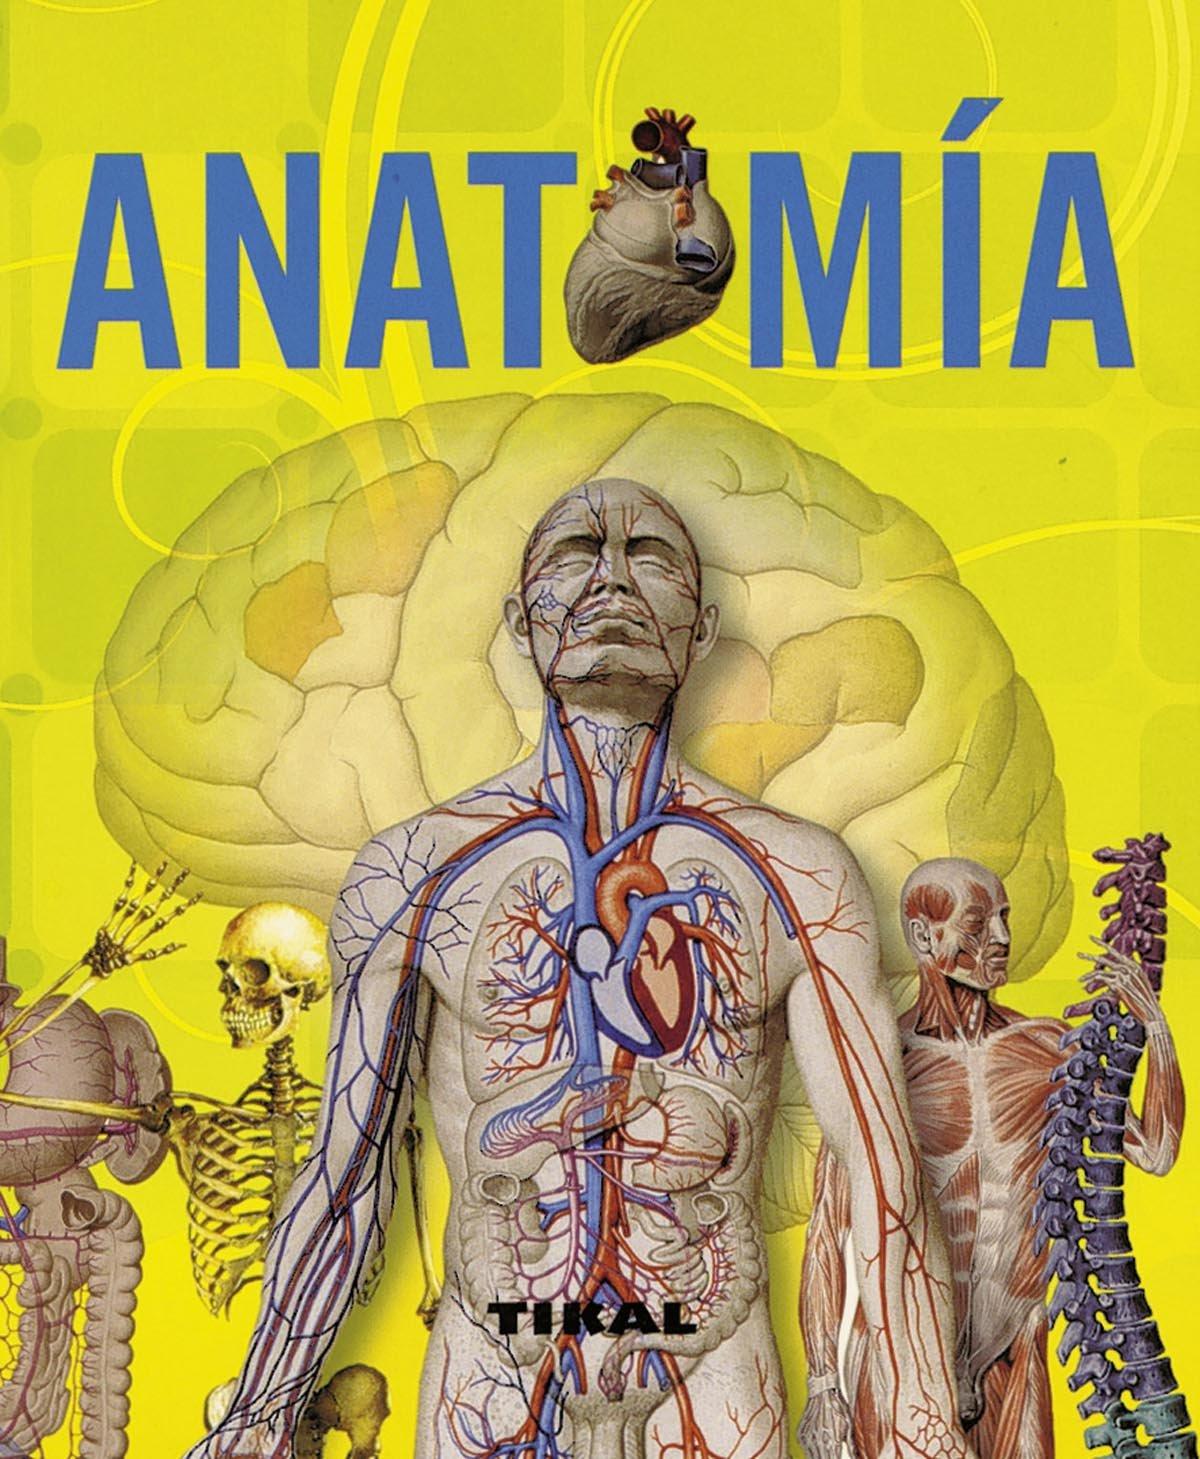 Anatomía (Enciclopedia Universal): Amazon.es: Adriana Rigutti: Libros